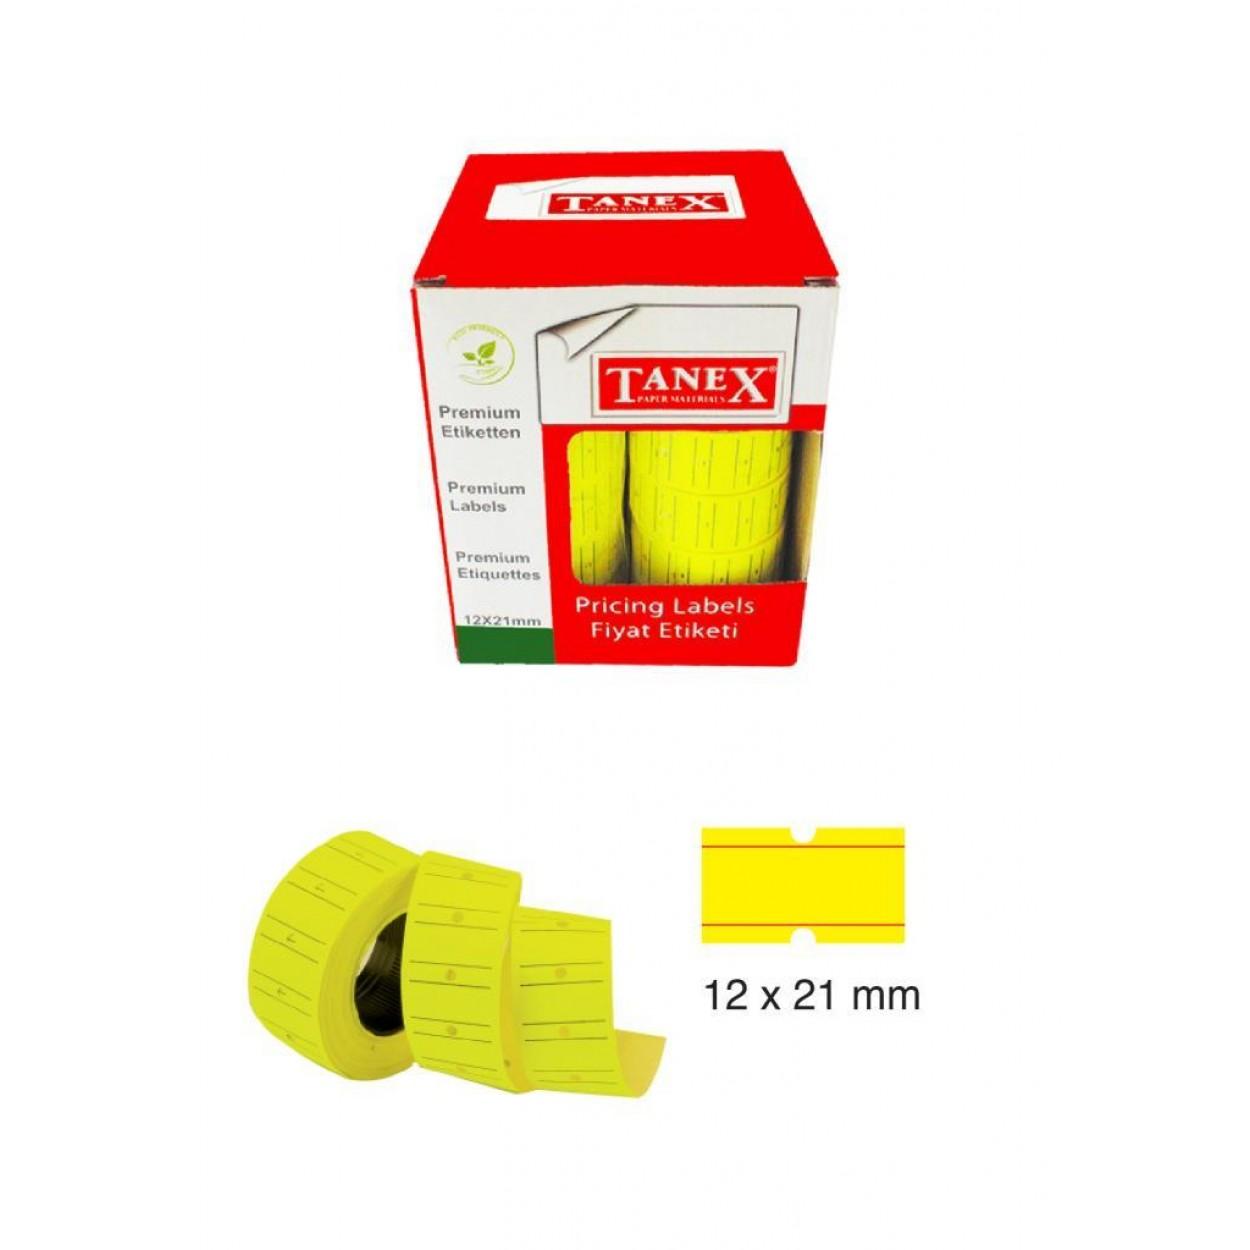 Tanex Fiyat Etiketi 21x12 cm Sarı Renk 800 Lü 6 lı Rulo